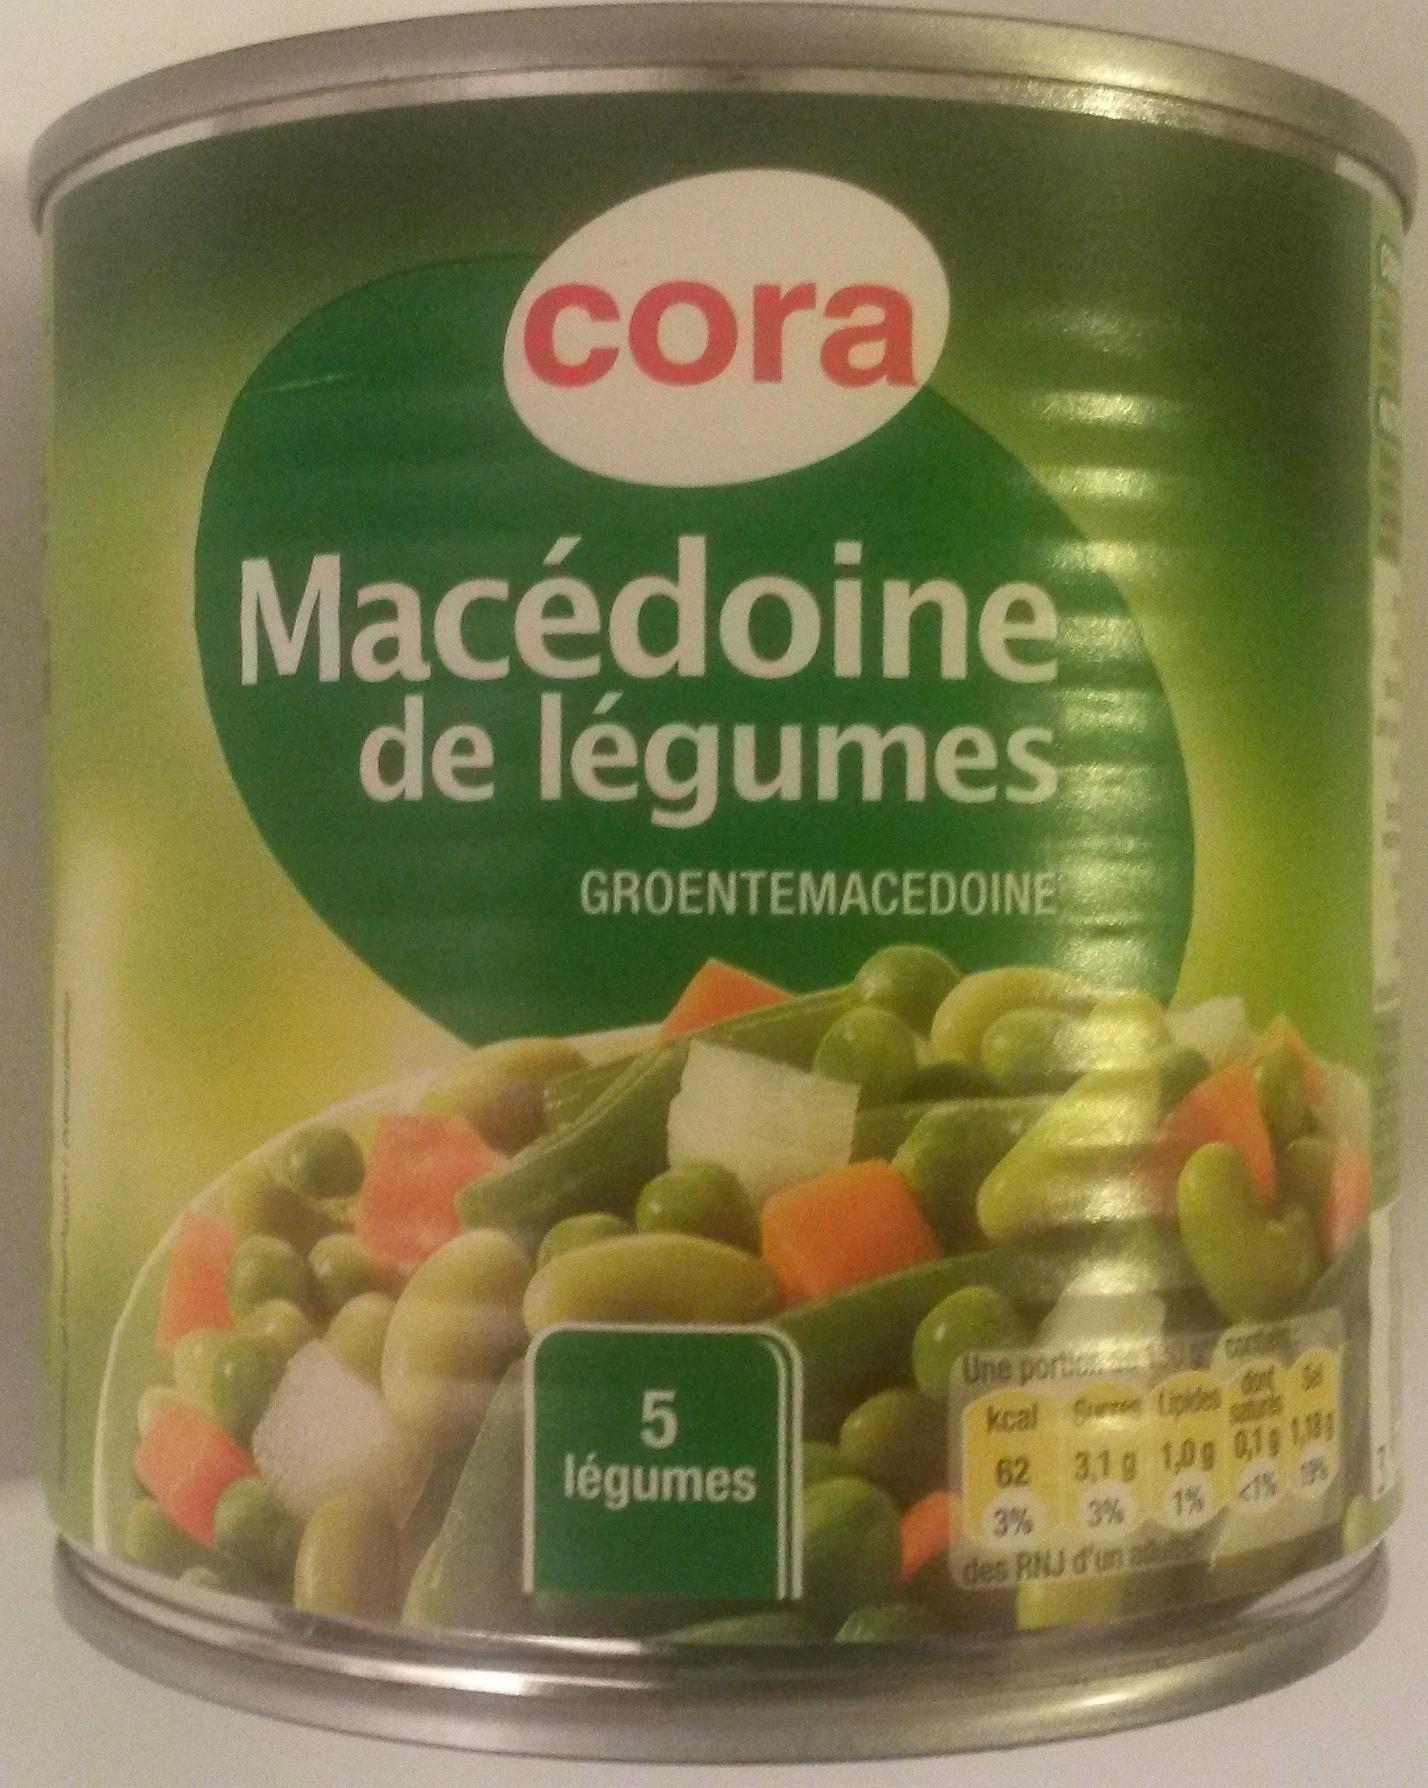 Macédoine de légumes (5 légumes) - Produit